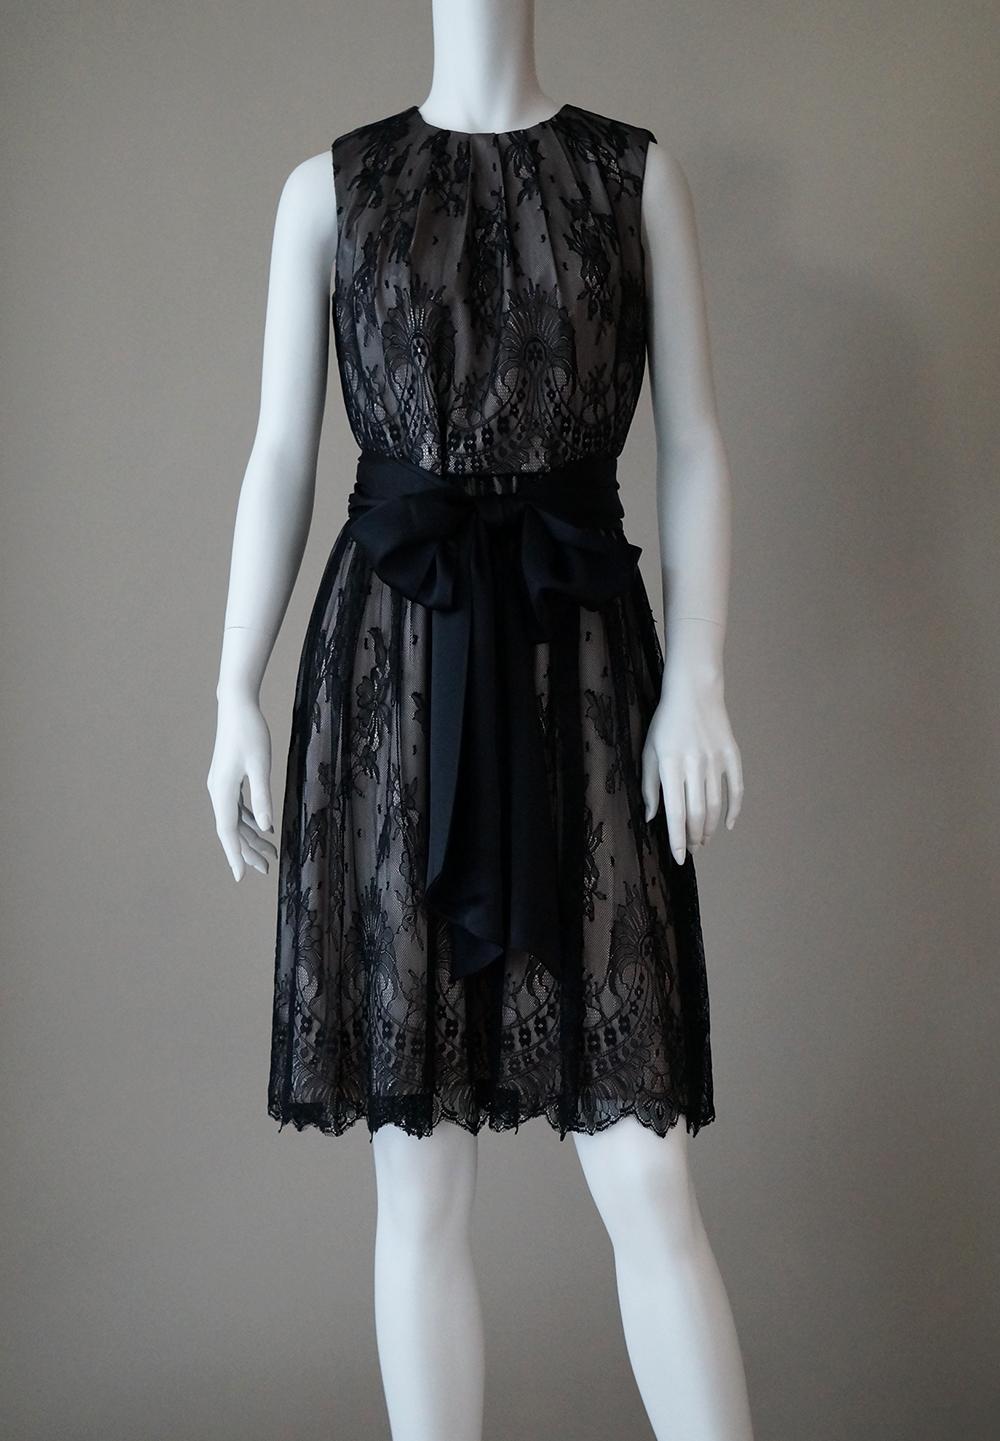 Rental little black dress ten